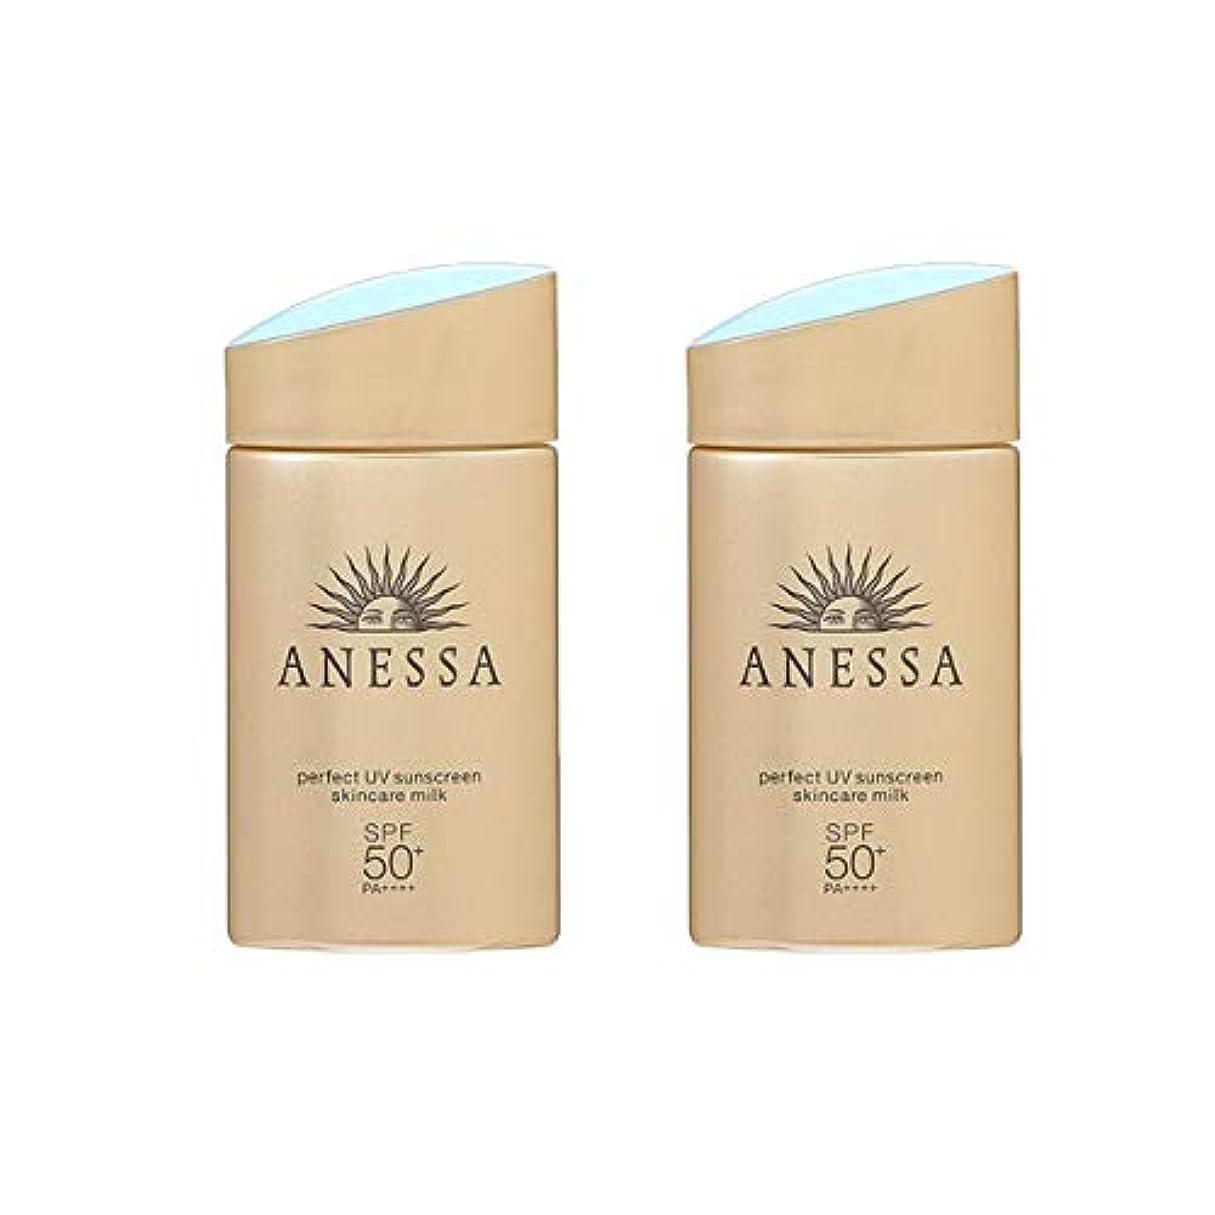 節約に対応する名誉【セット】資生堂 アネッサ ANESSA パーフェクトUV スキンケアミルク SPF50+/PA++++ 60mL 2個セット [並行輸入品]